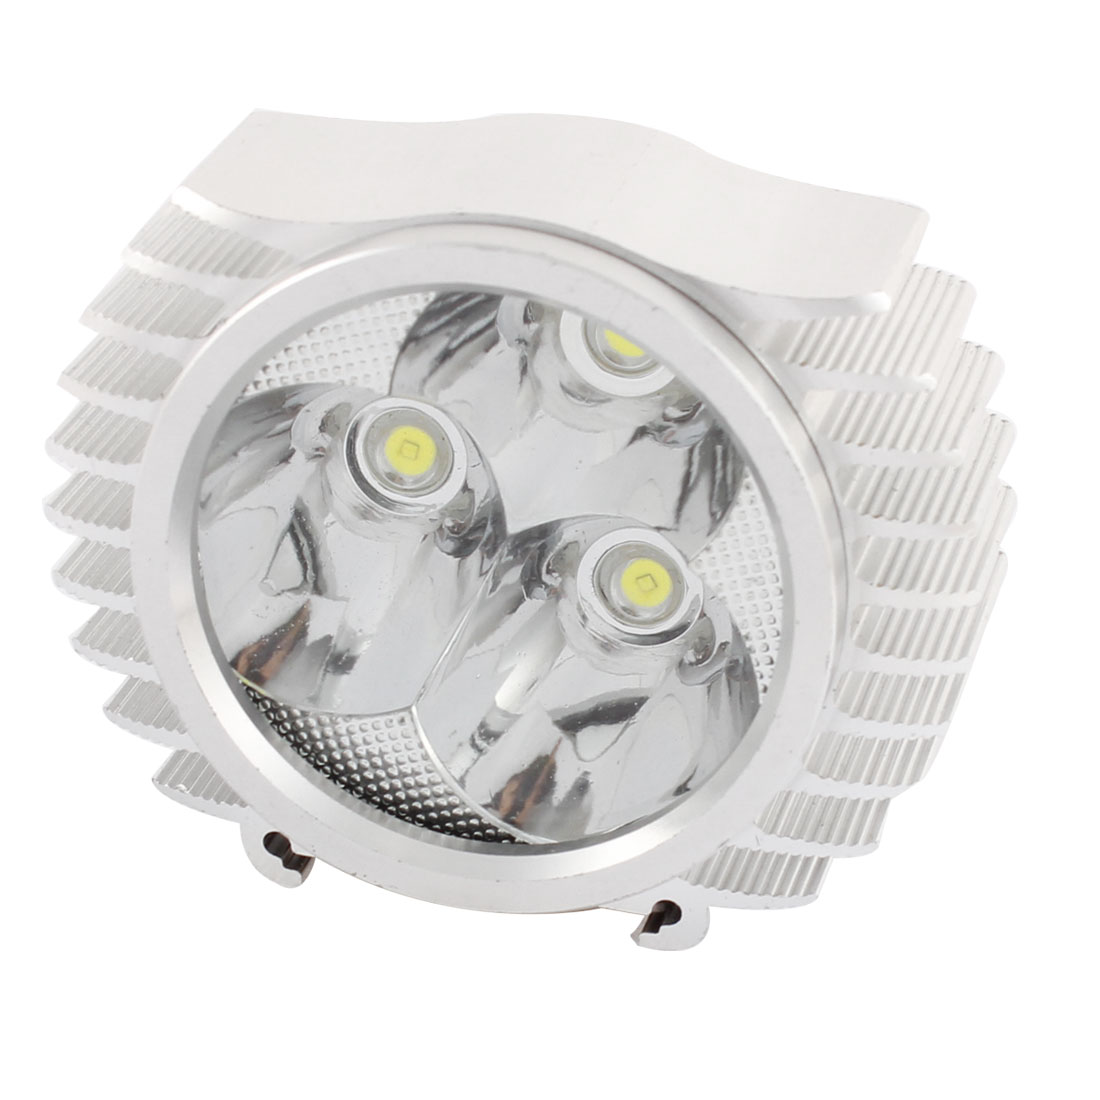 12-100V White 3 LED Motorbike Headlight Headlamp Fog Driving Spot Light Lamp